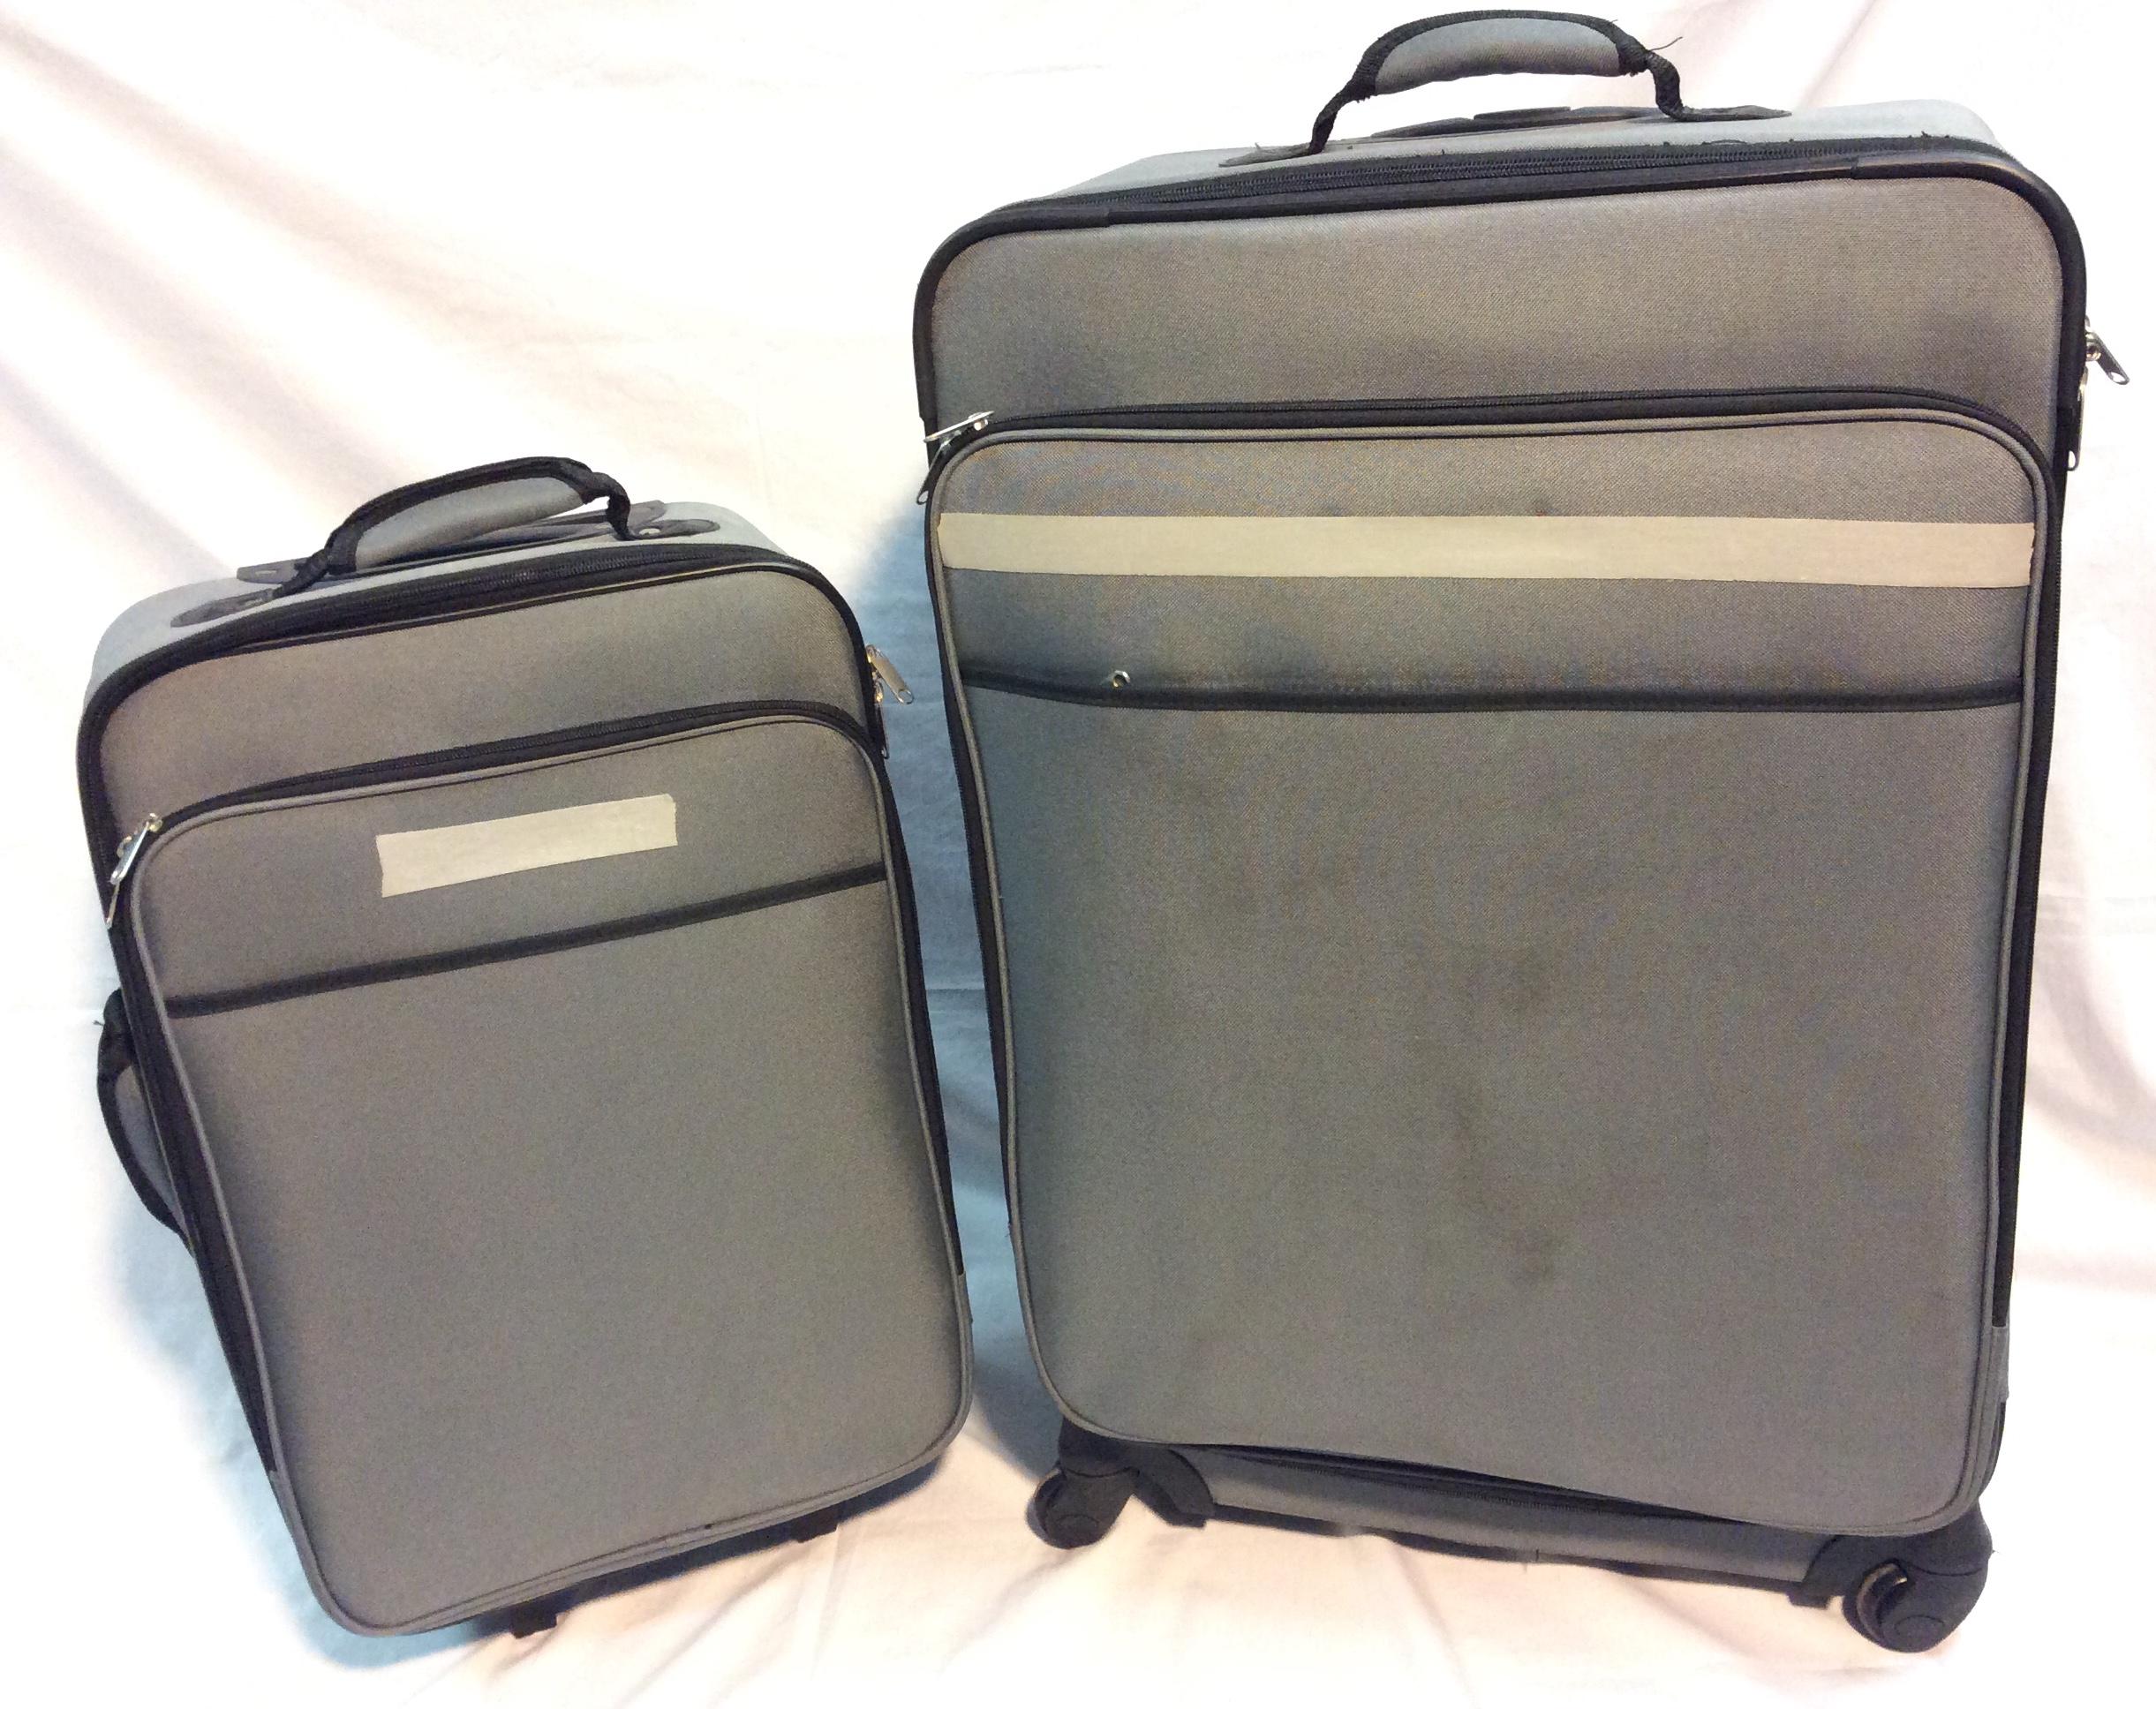 2pcs Luggage set: grey with black